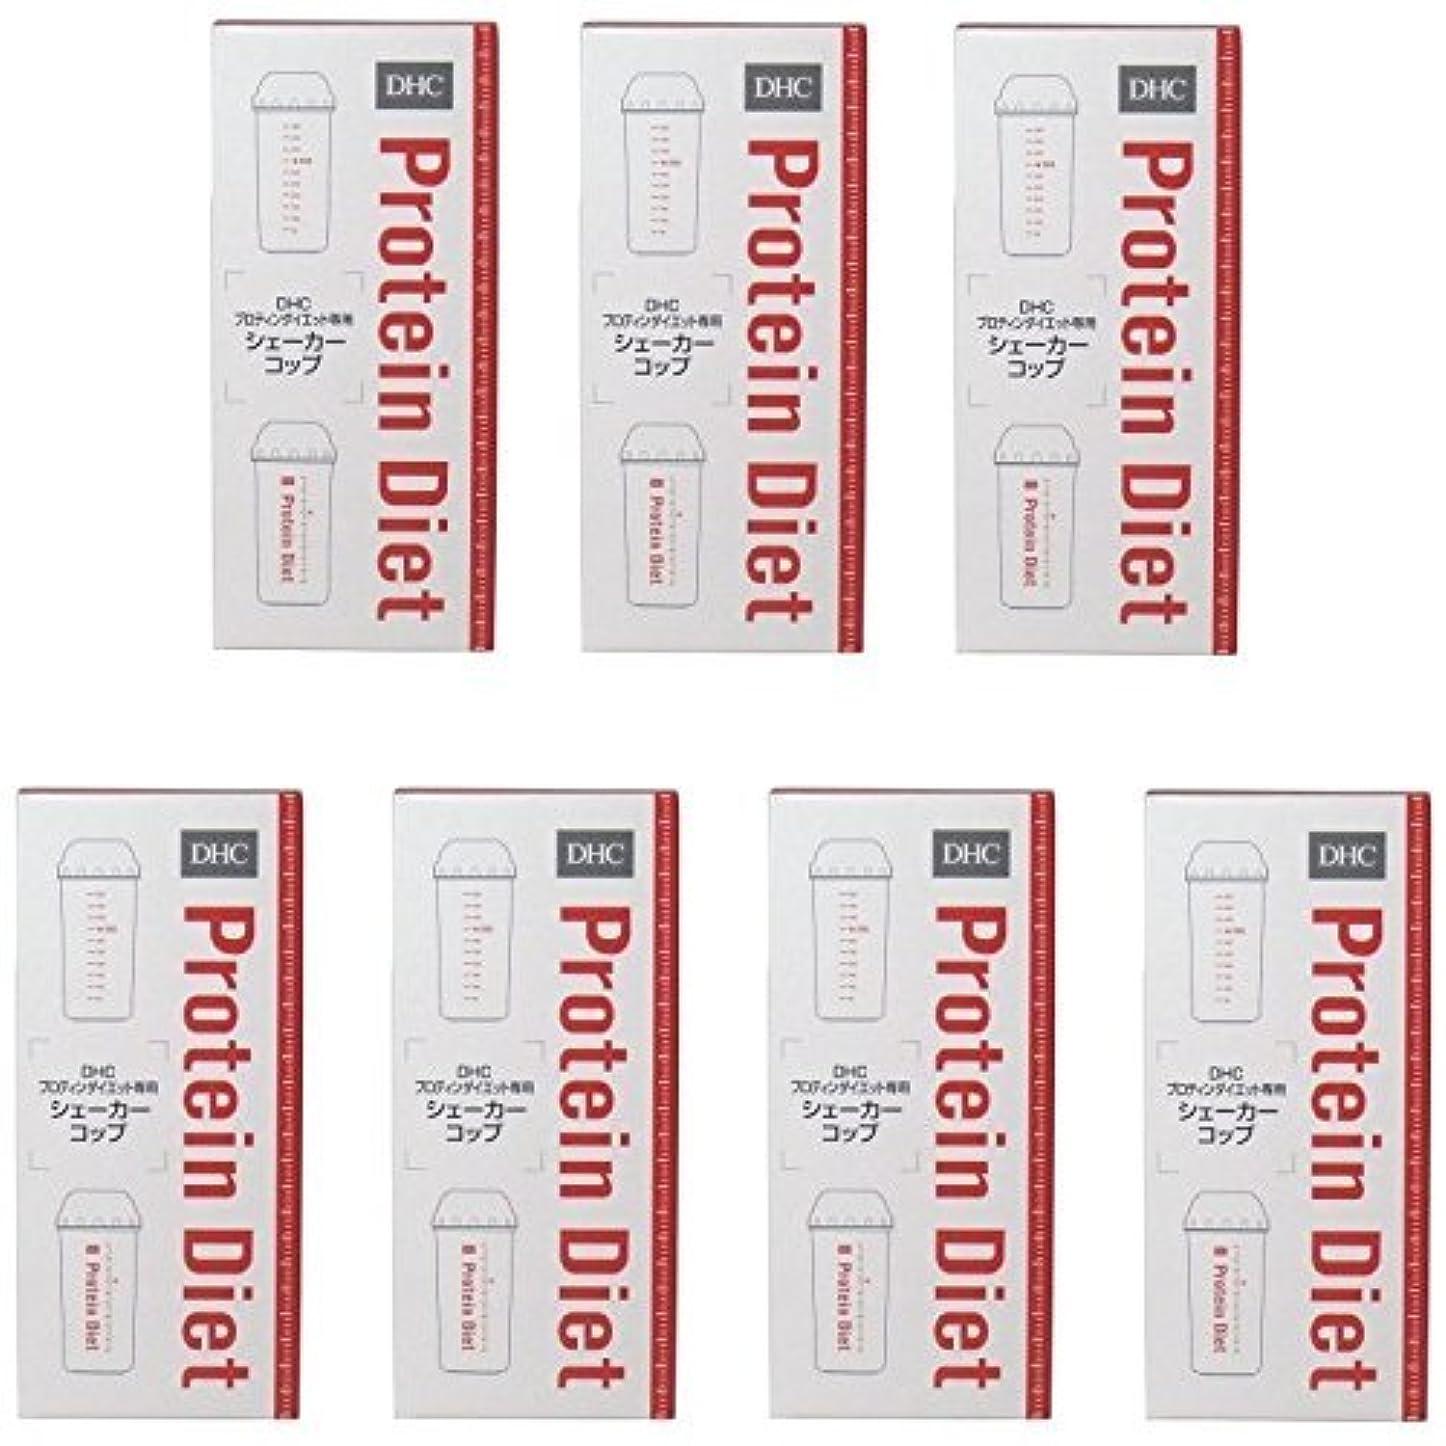 理容師できればモナリザ【まとめ買い】DHC プロティンダイエット専用シェーカーコップ 1個【×7セット】